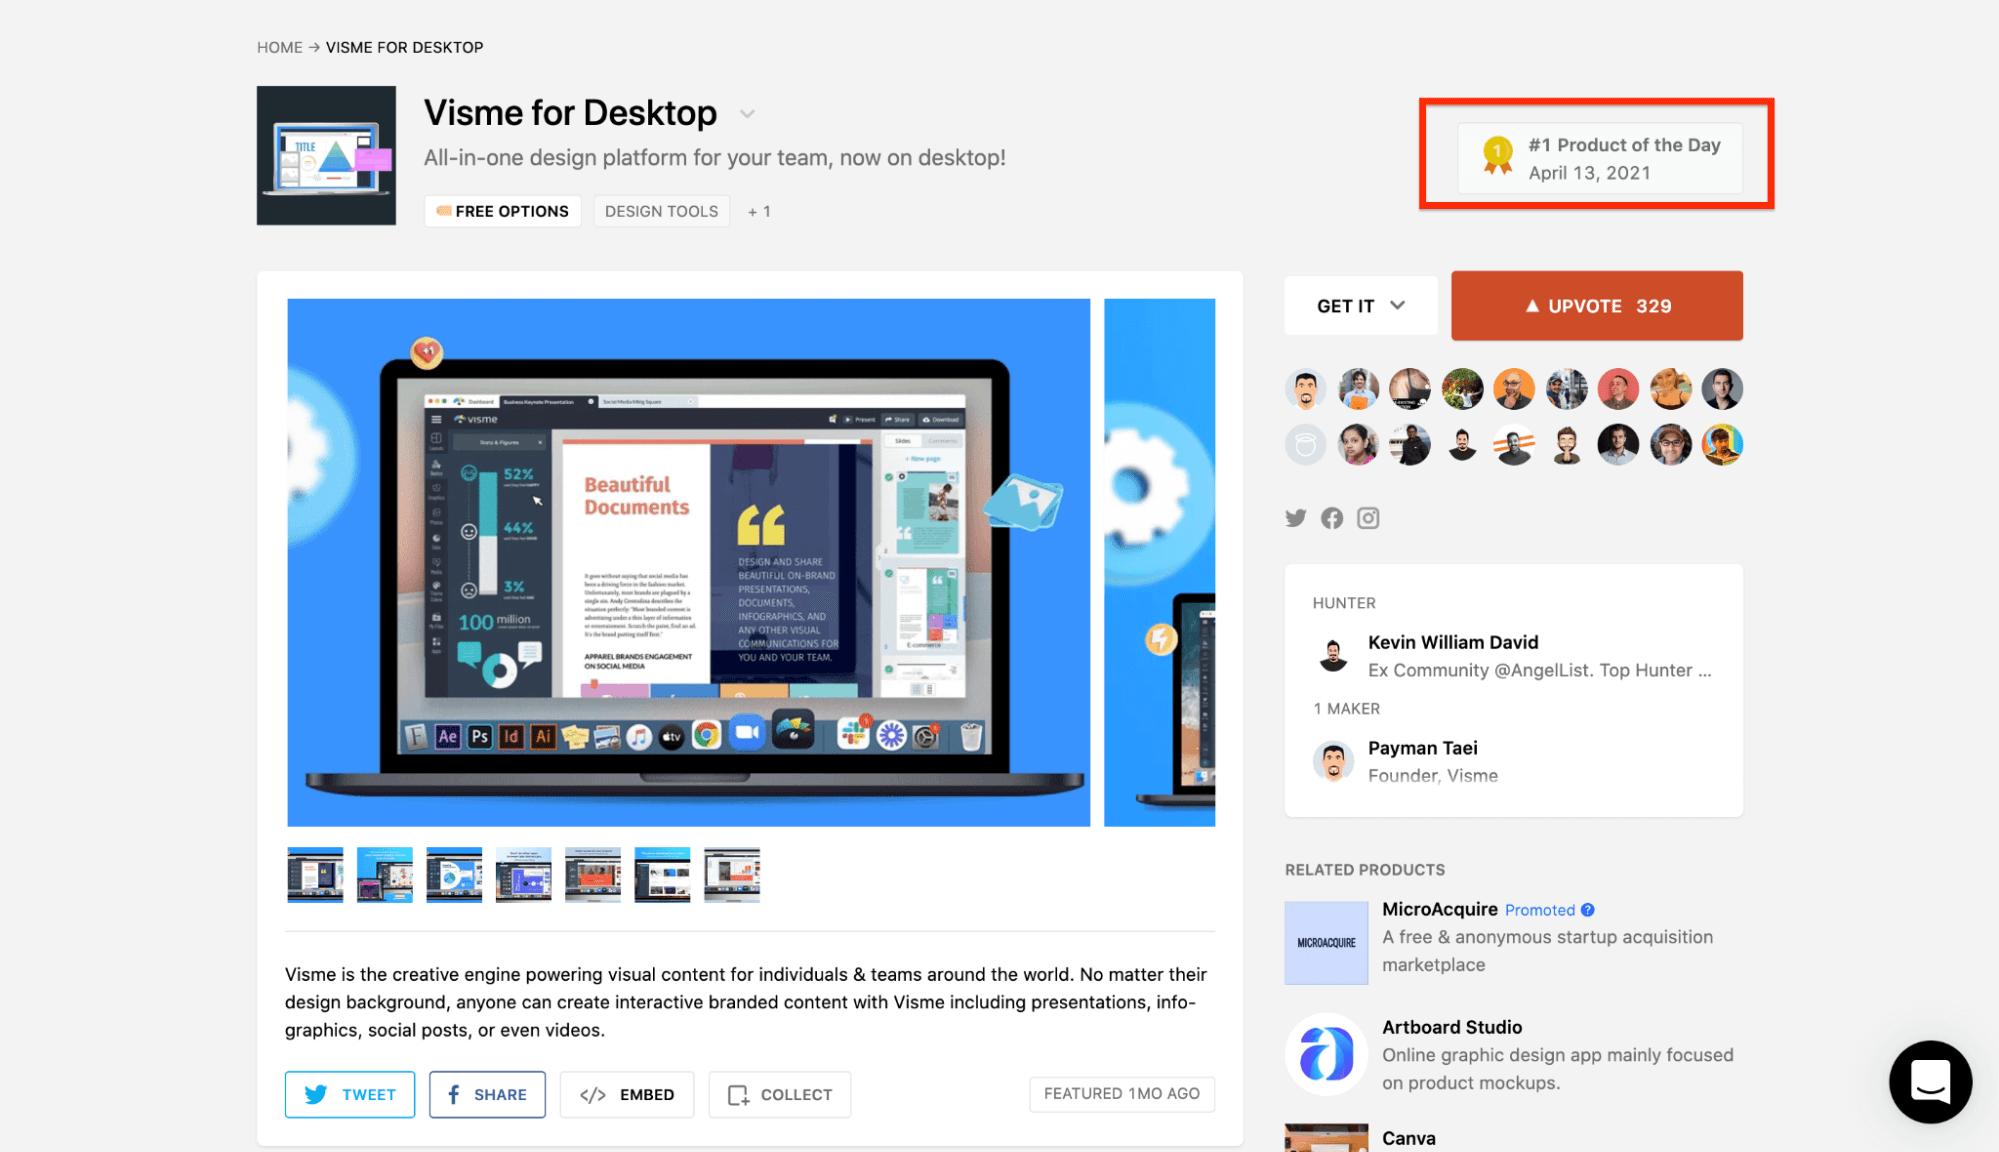 Visme for Desktop Product Hunt Launch